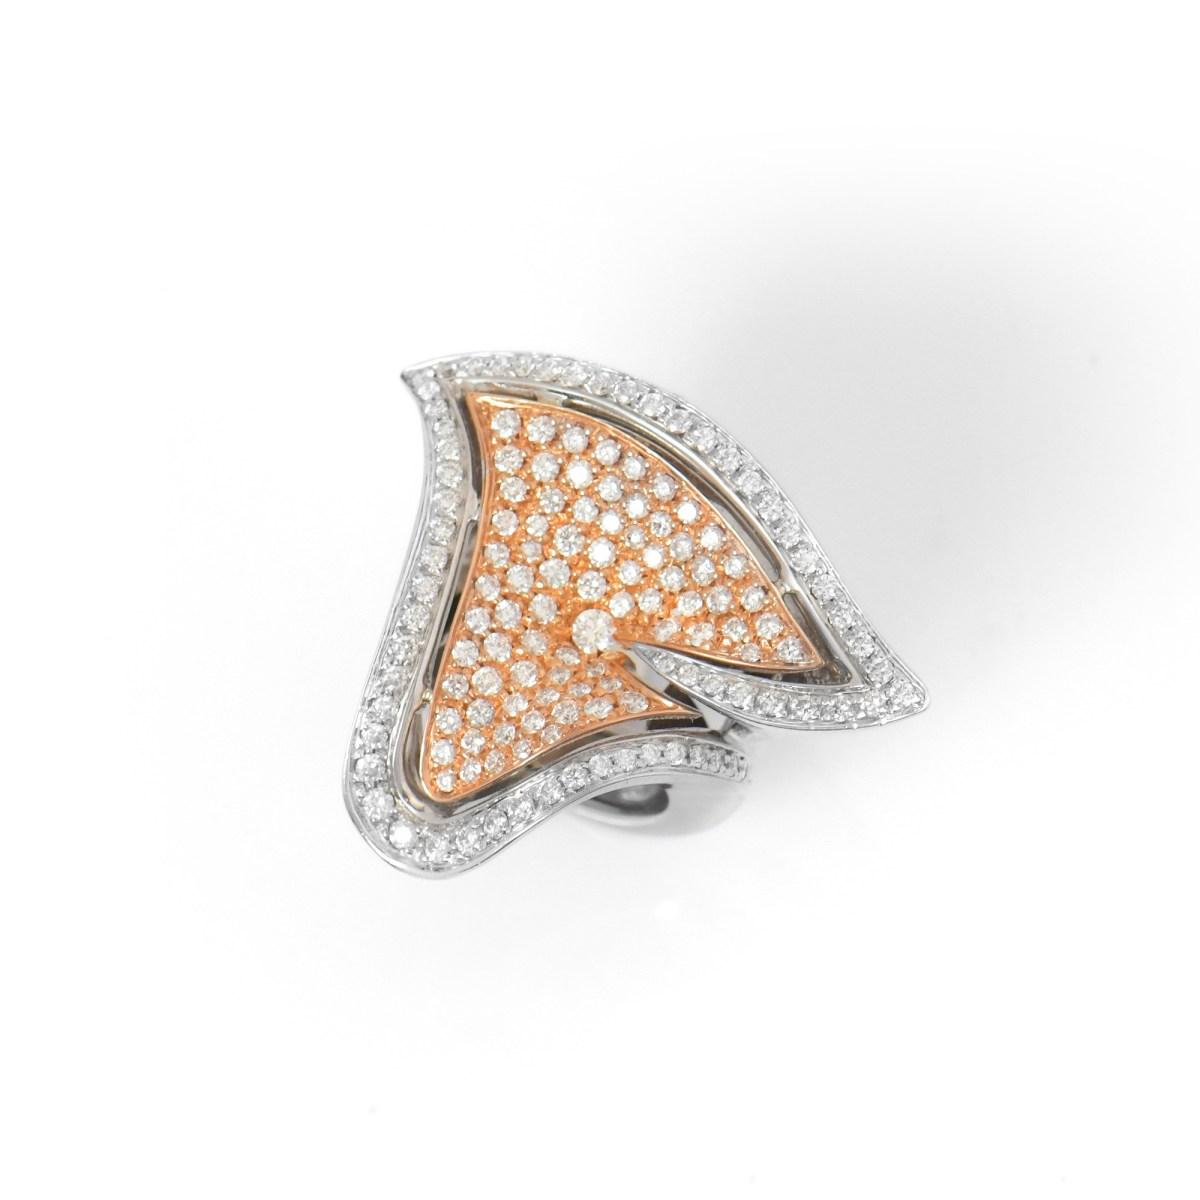 Bague Fleur Pavage Diamants | Référence : BA-B16562 | EVENOR Joaillerie • Bijoux Vintage et Bijoux d'Occasion